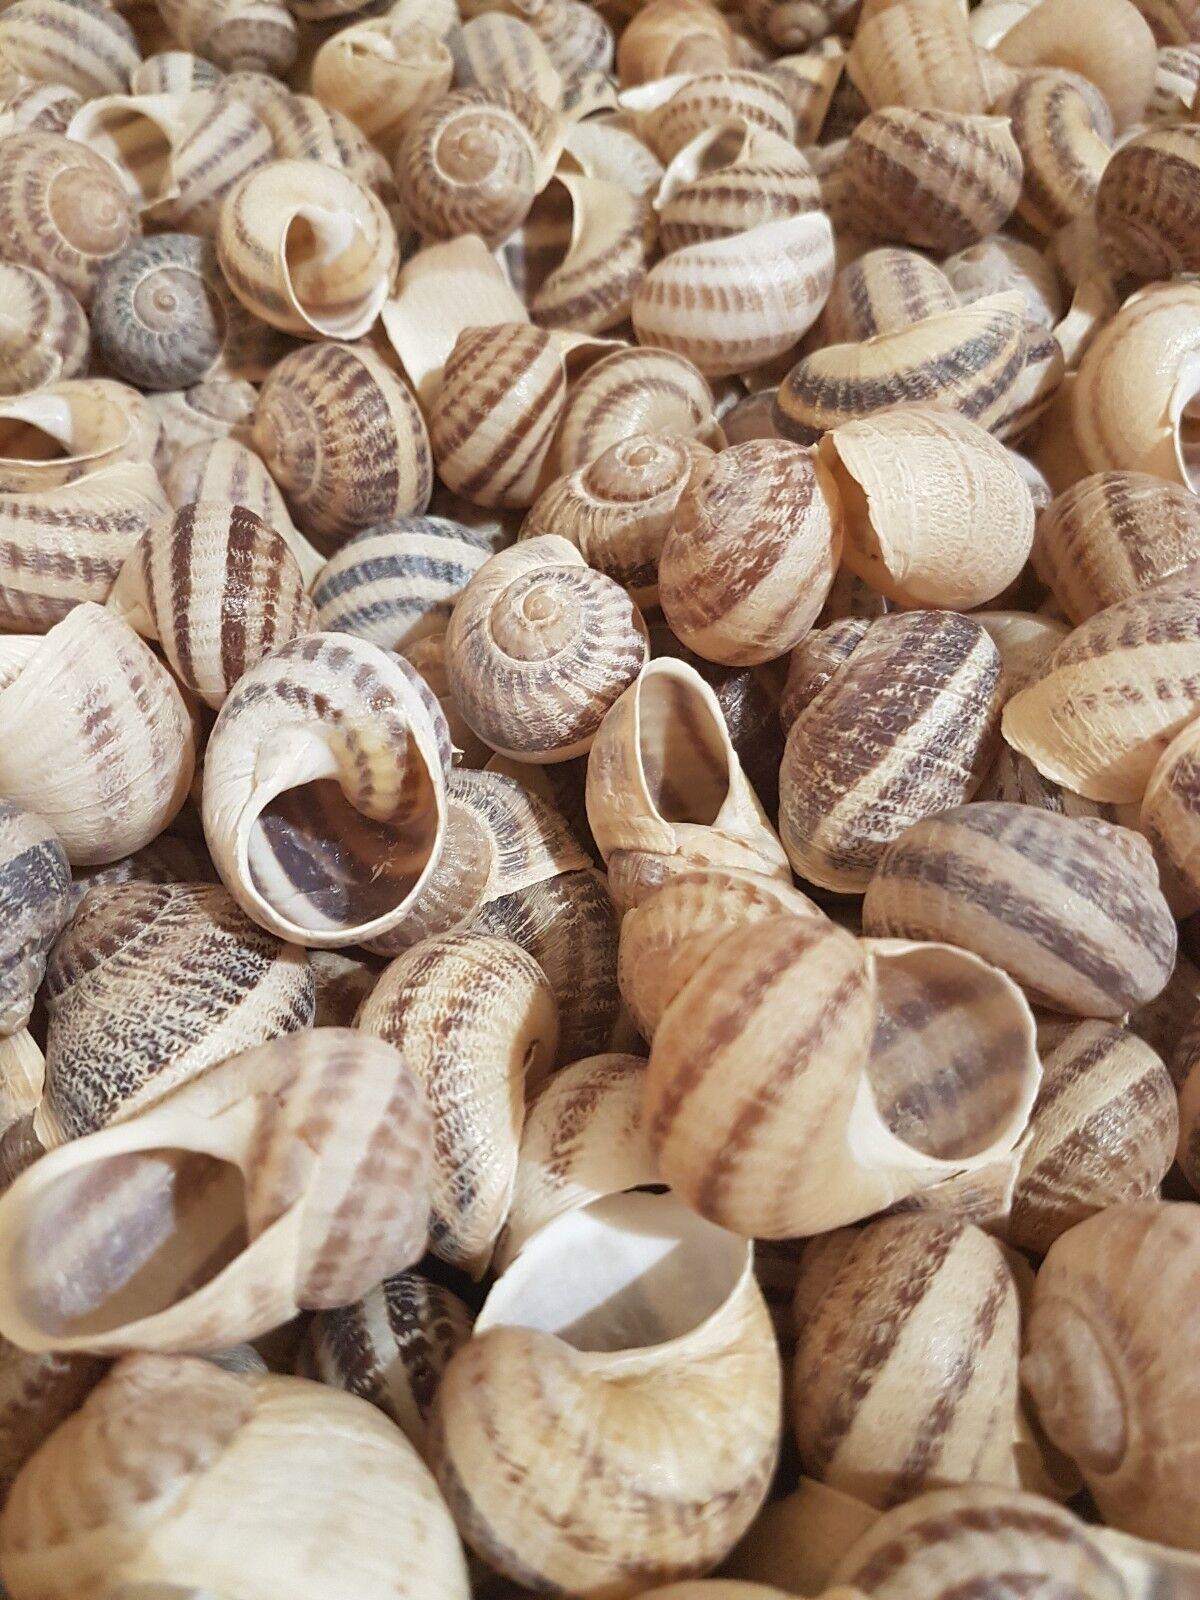 CON GLIE 500 grandi ESCARGOTLUMACHE Con glie per shelldwelling CiclidiSERBATOIO Decor